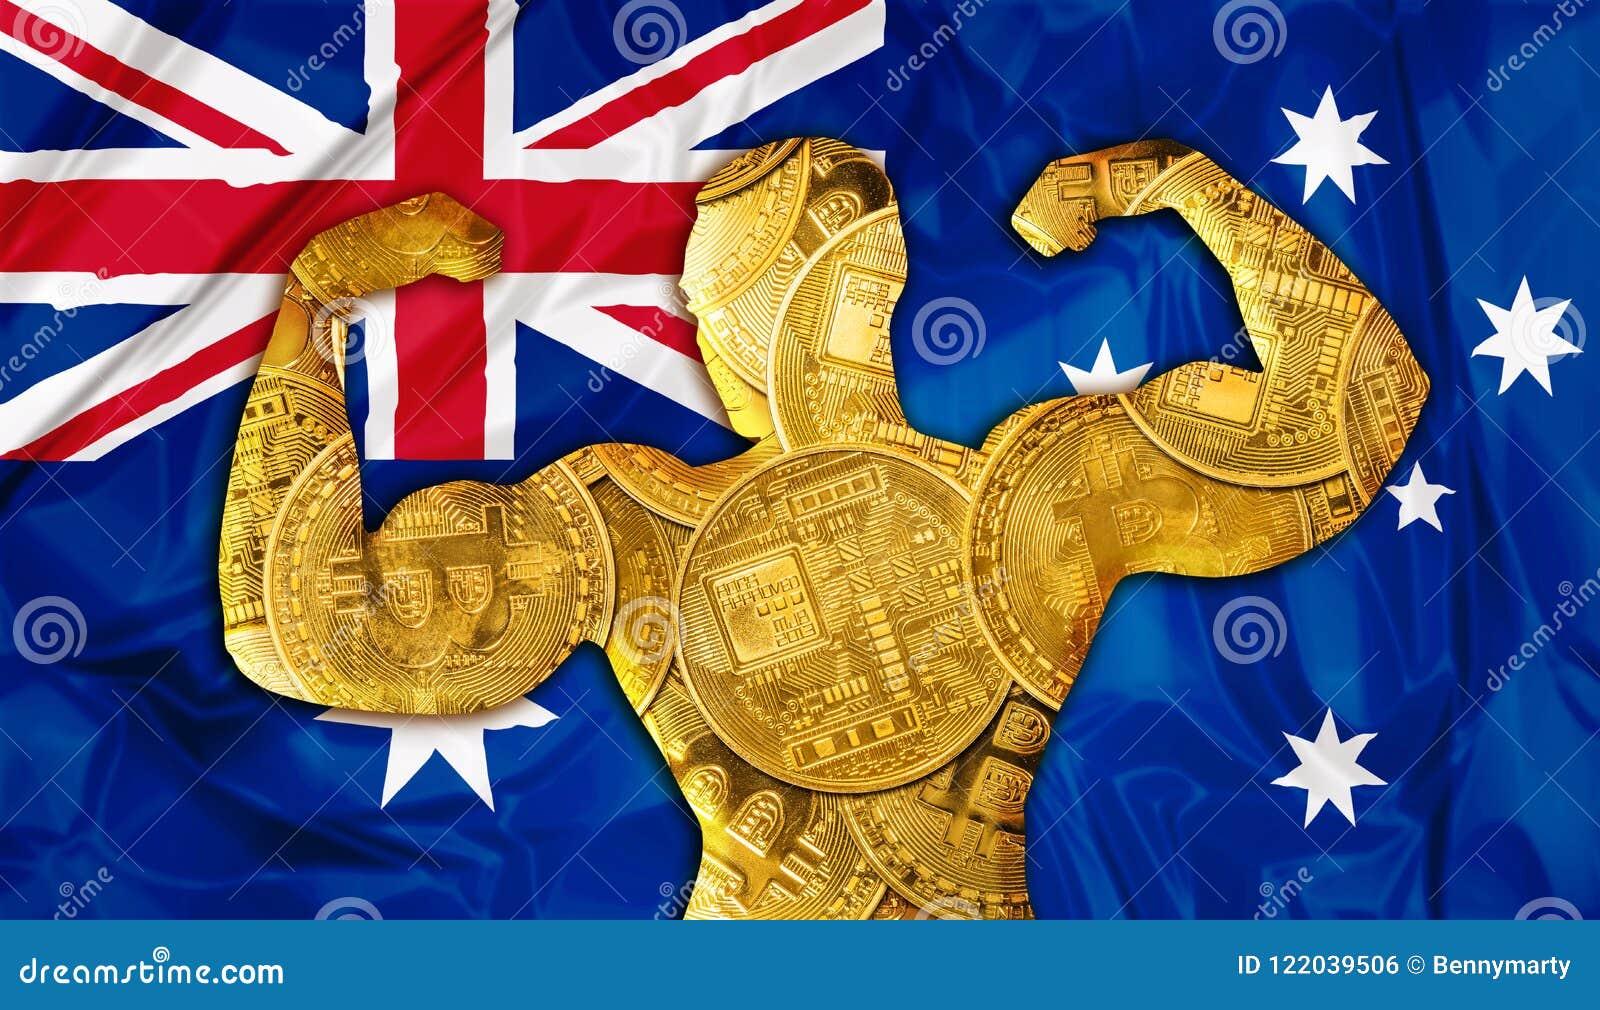 cryptocurrency exchange rates australia